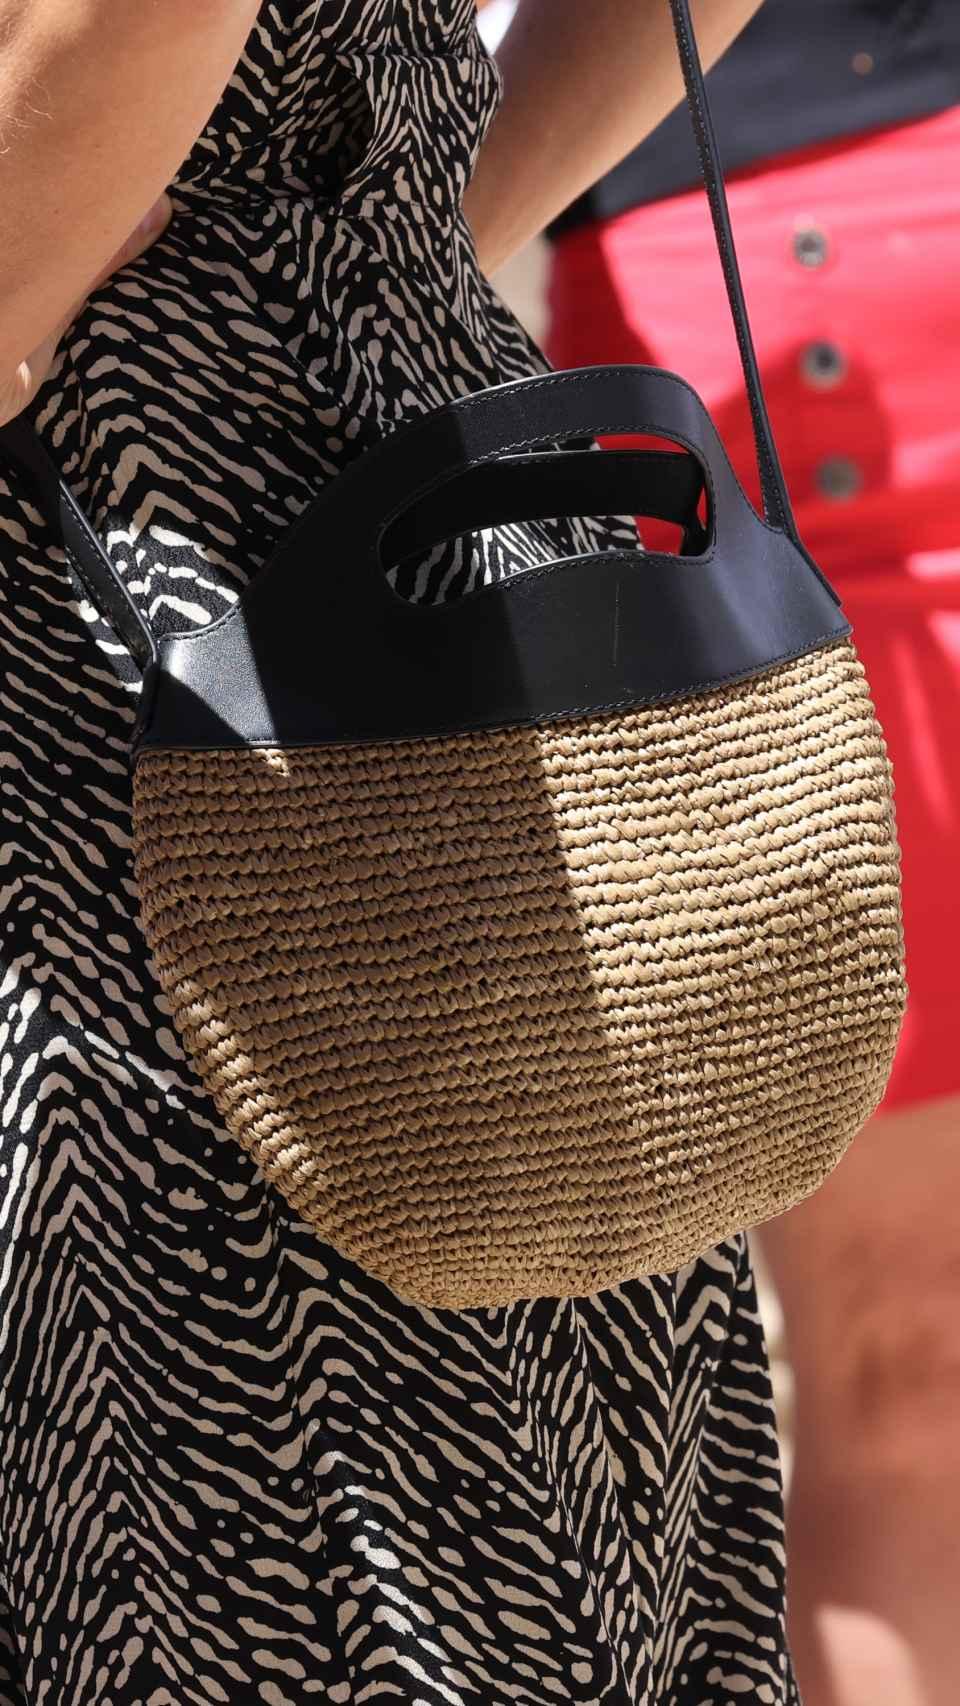 Detalle del bolso de Letizia de Massimo Dutti.